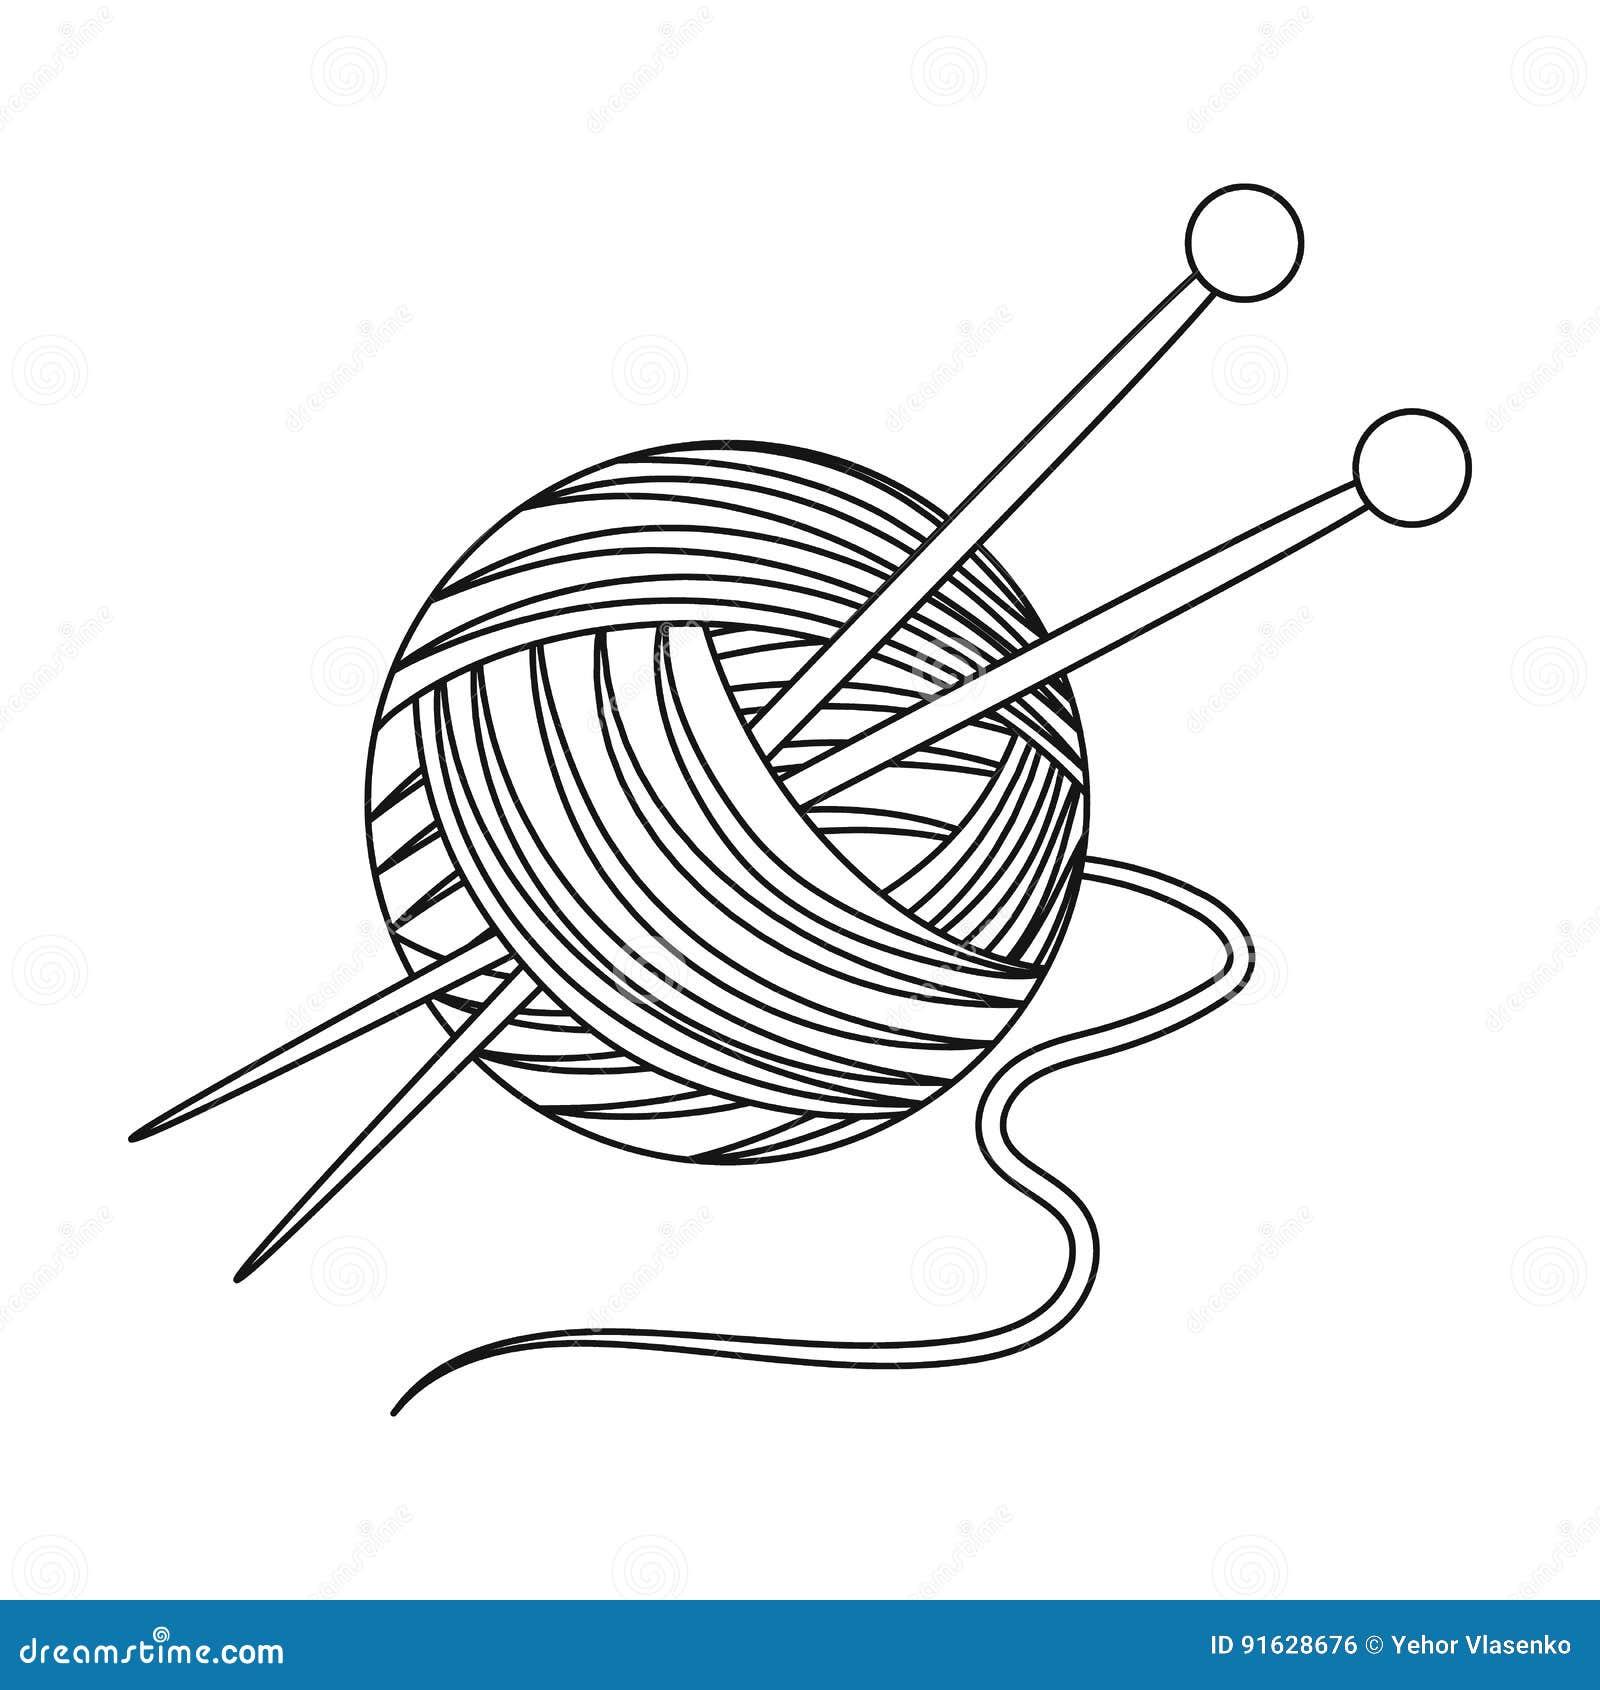 Knitting Oude dag enig pictogram in van de het symboolvoorraad van de overzichtsstijl vector de illustratieweb